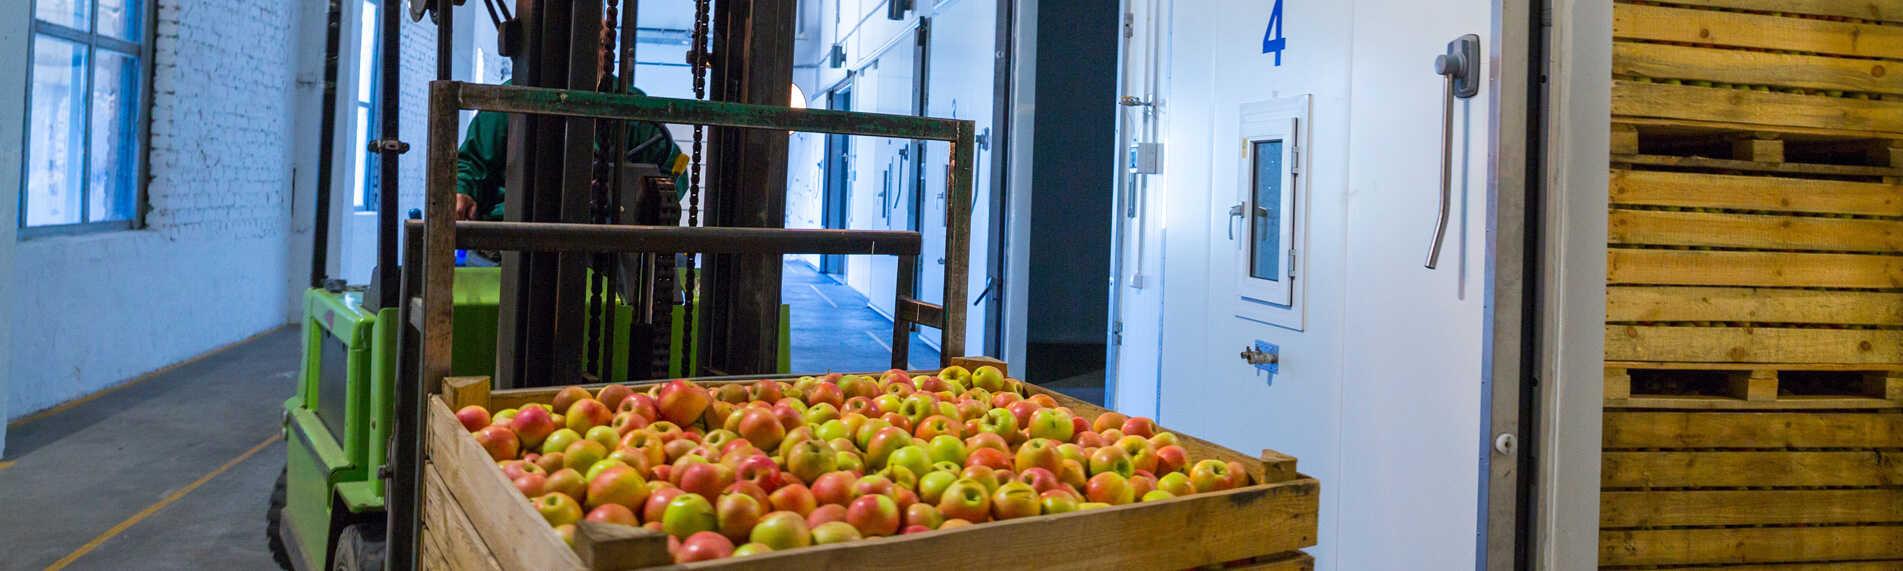 Få optimale forhold for fødevarer i kølerum og koldlager med korrekt befugtning